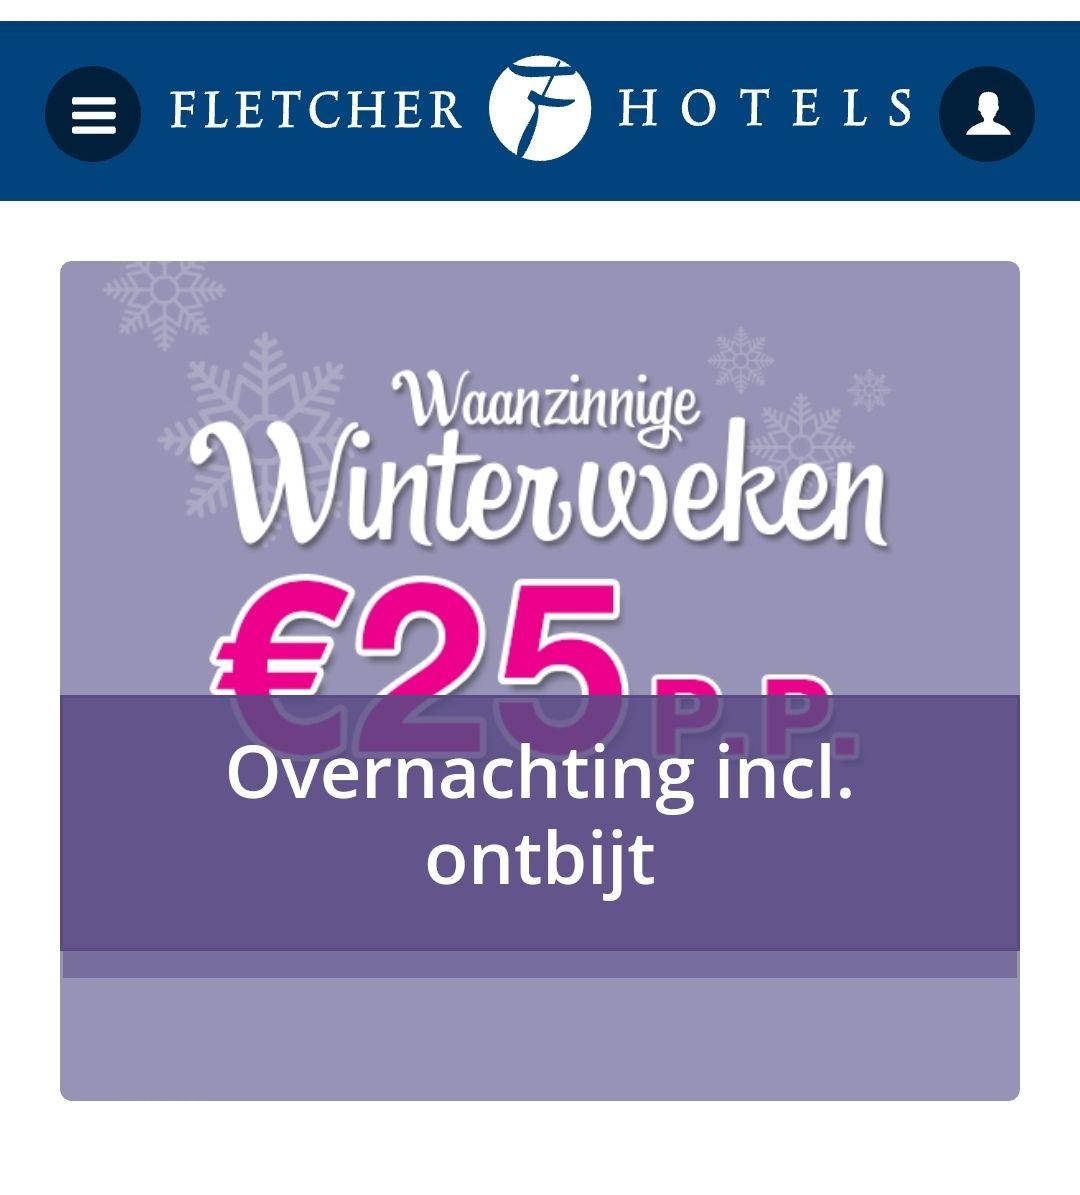 Waanzinnige winterweken bij Fletcher hotels! 25, - inclusief ontbijt p.p!